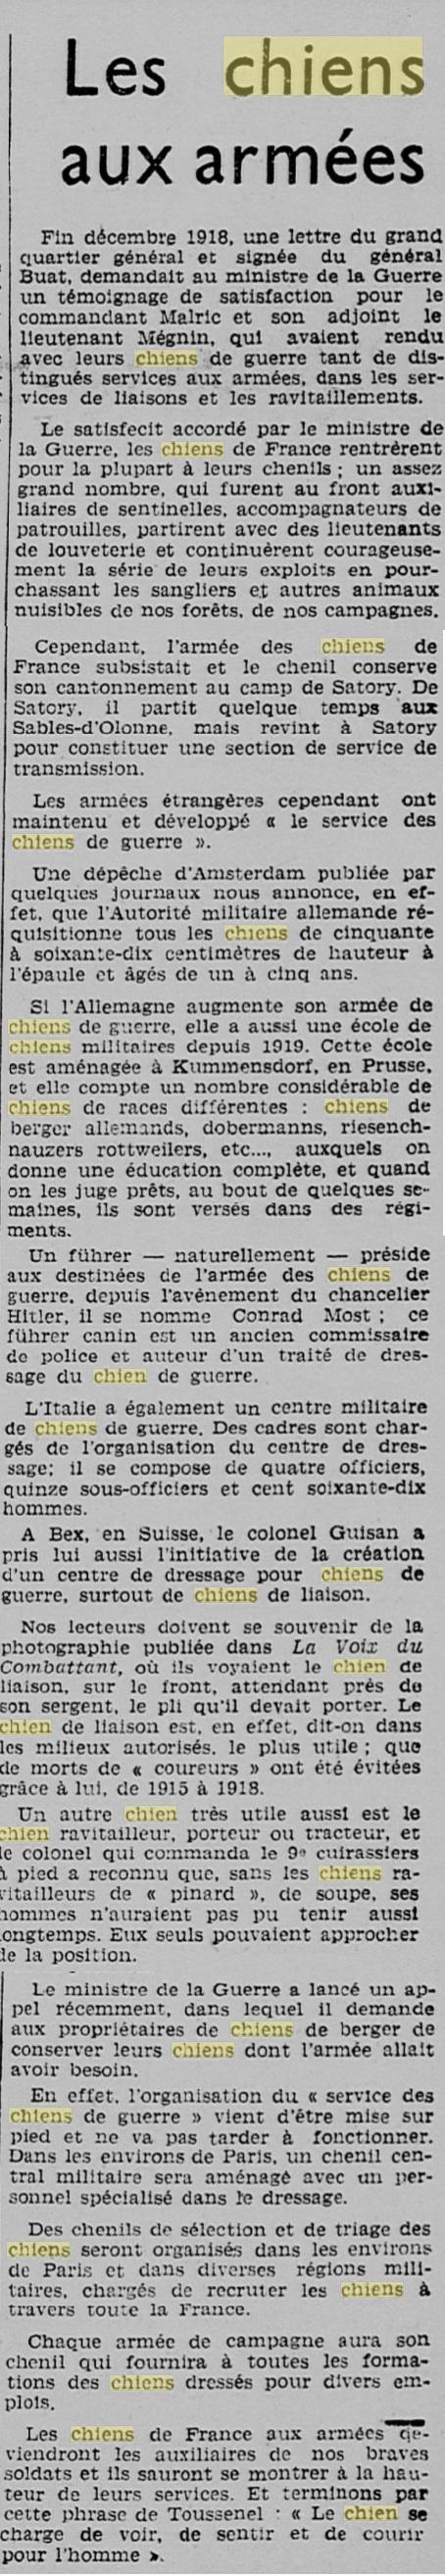 Les chiens dans l'armée française - Page 2 19391115